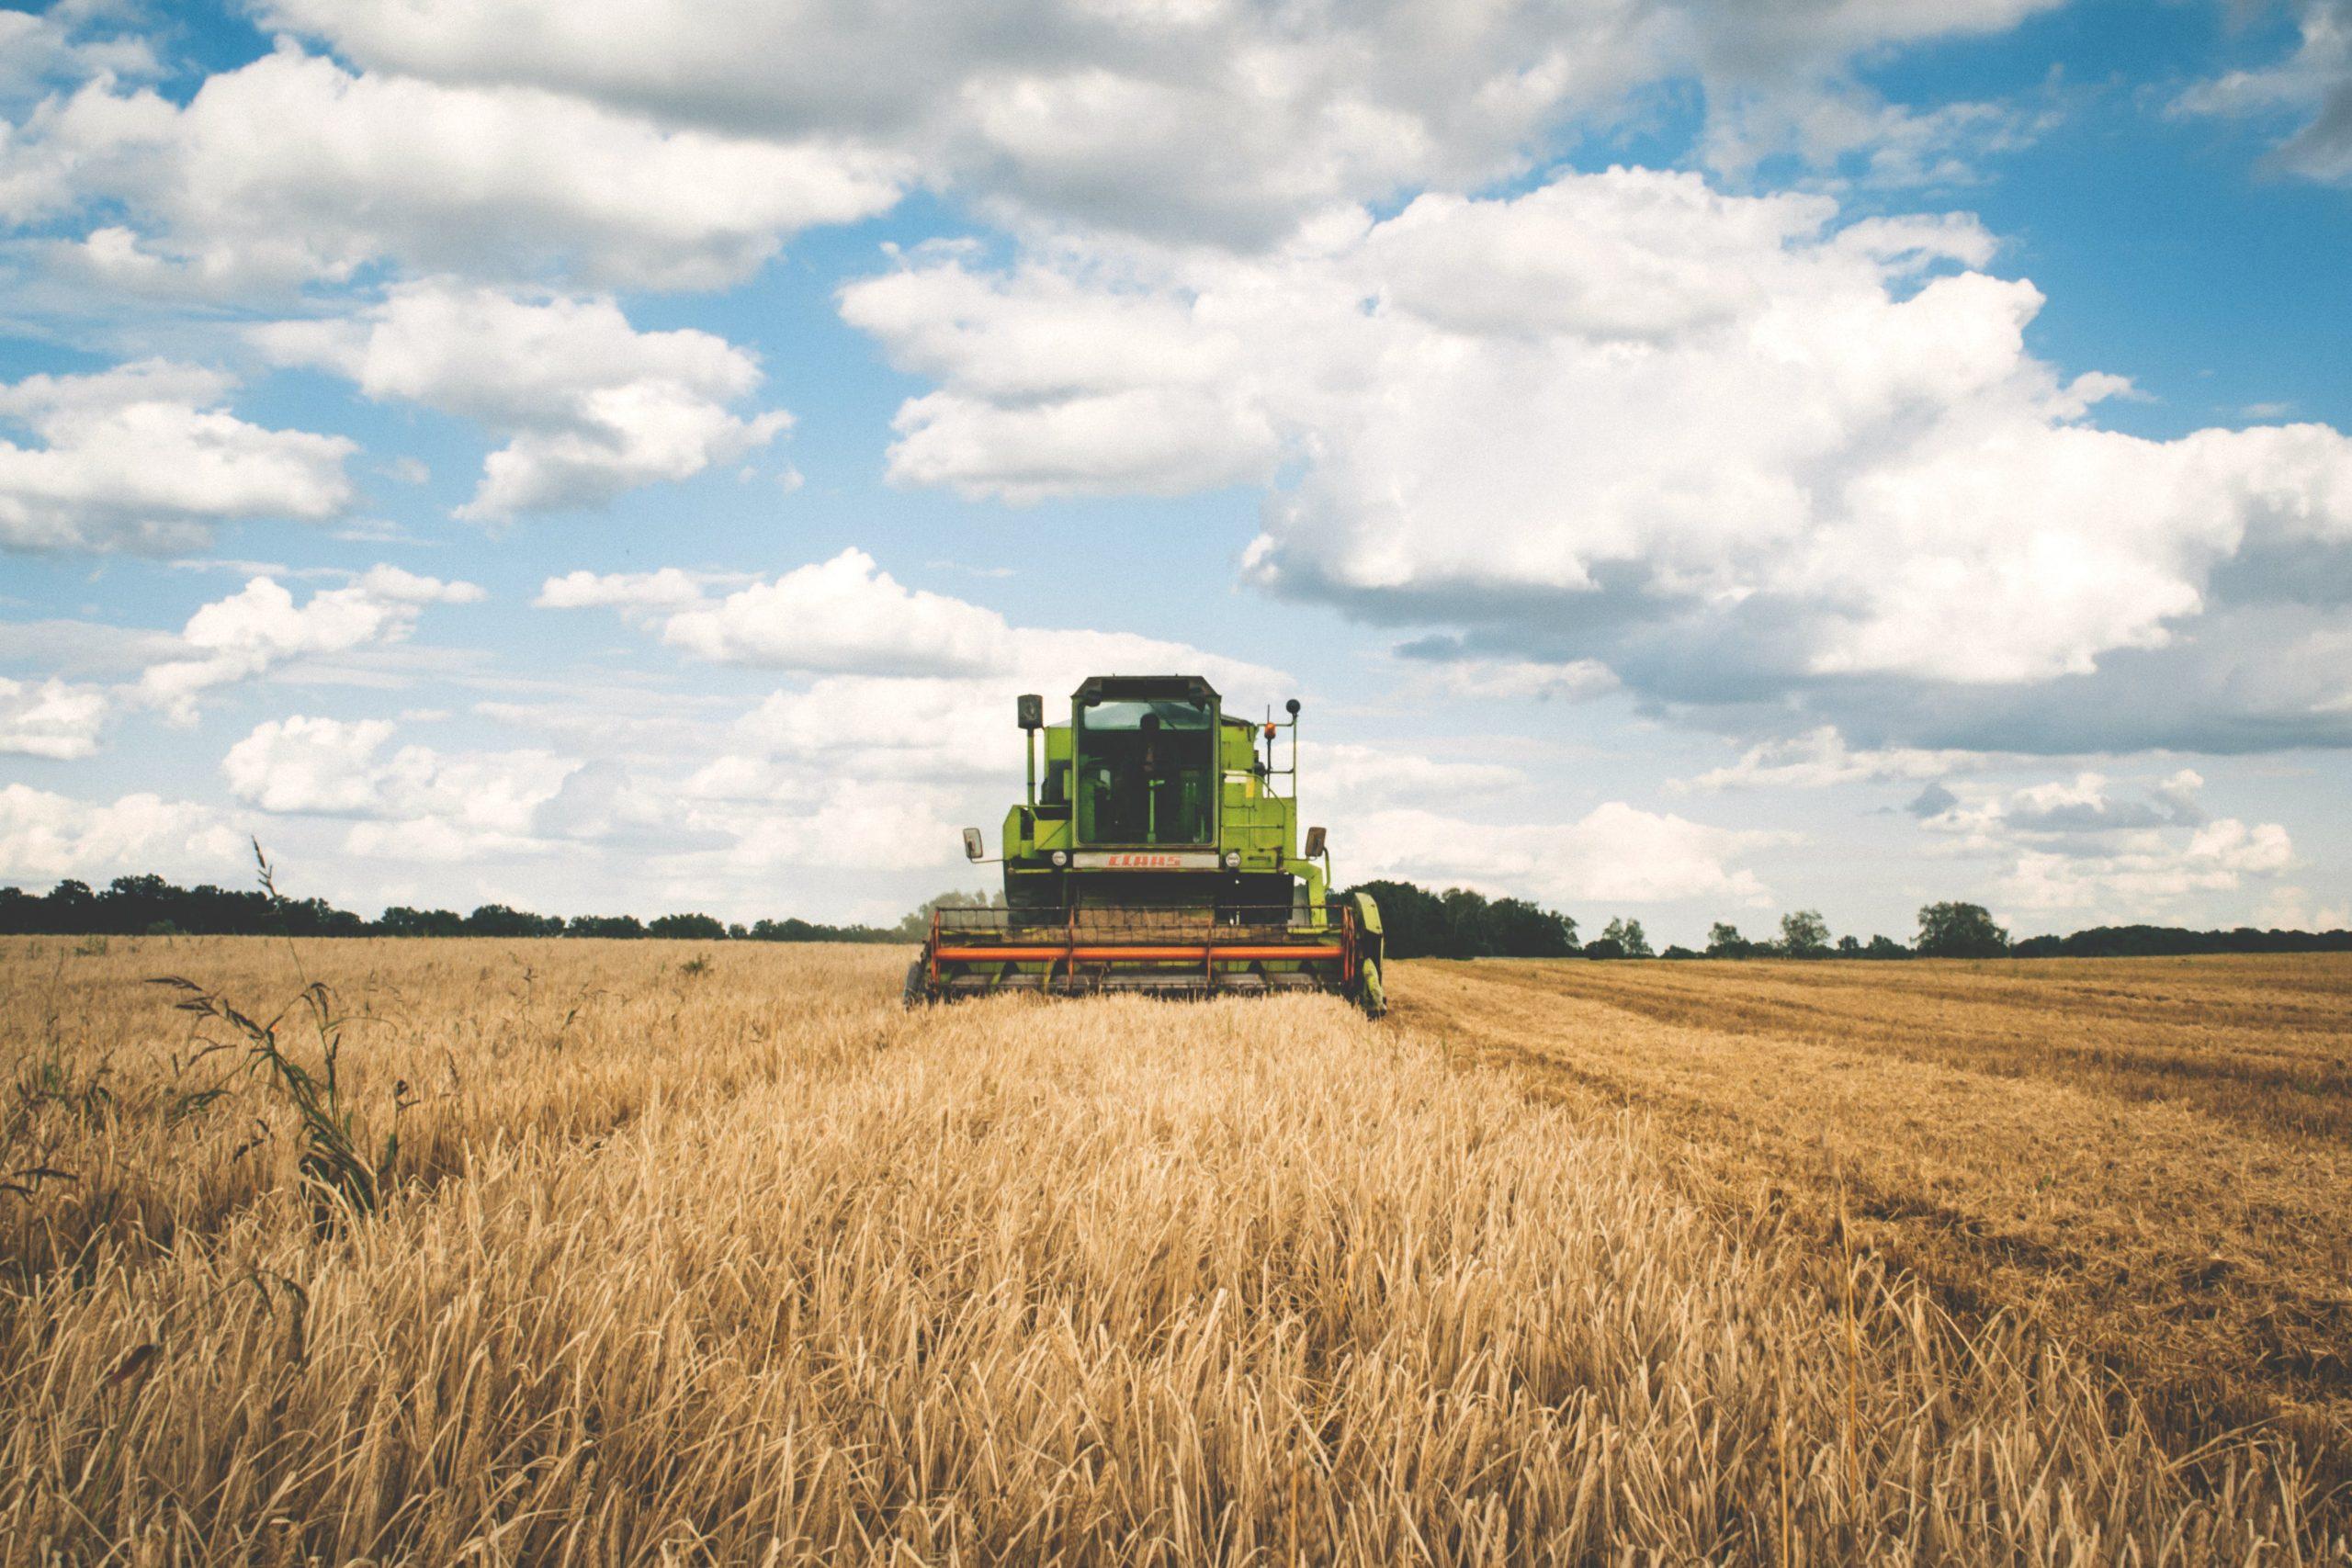 Solicitud de devolución gasóleo agrícola